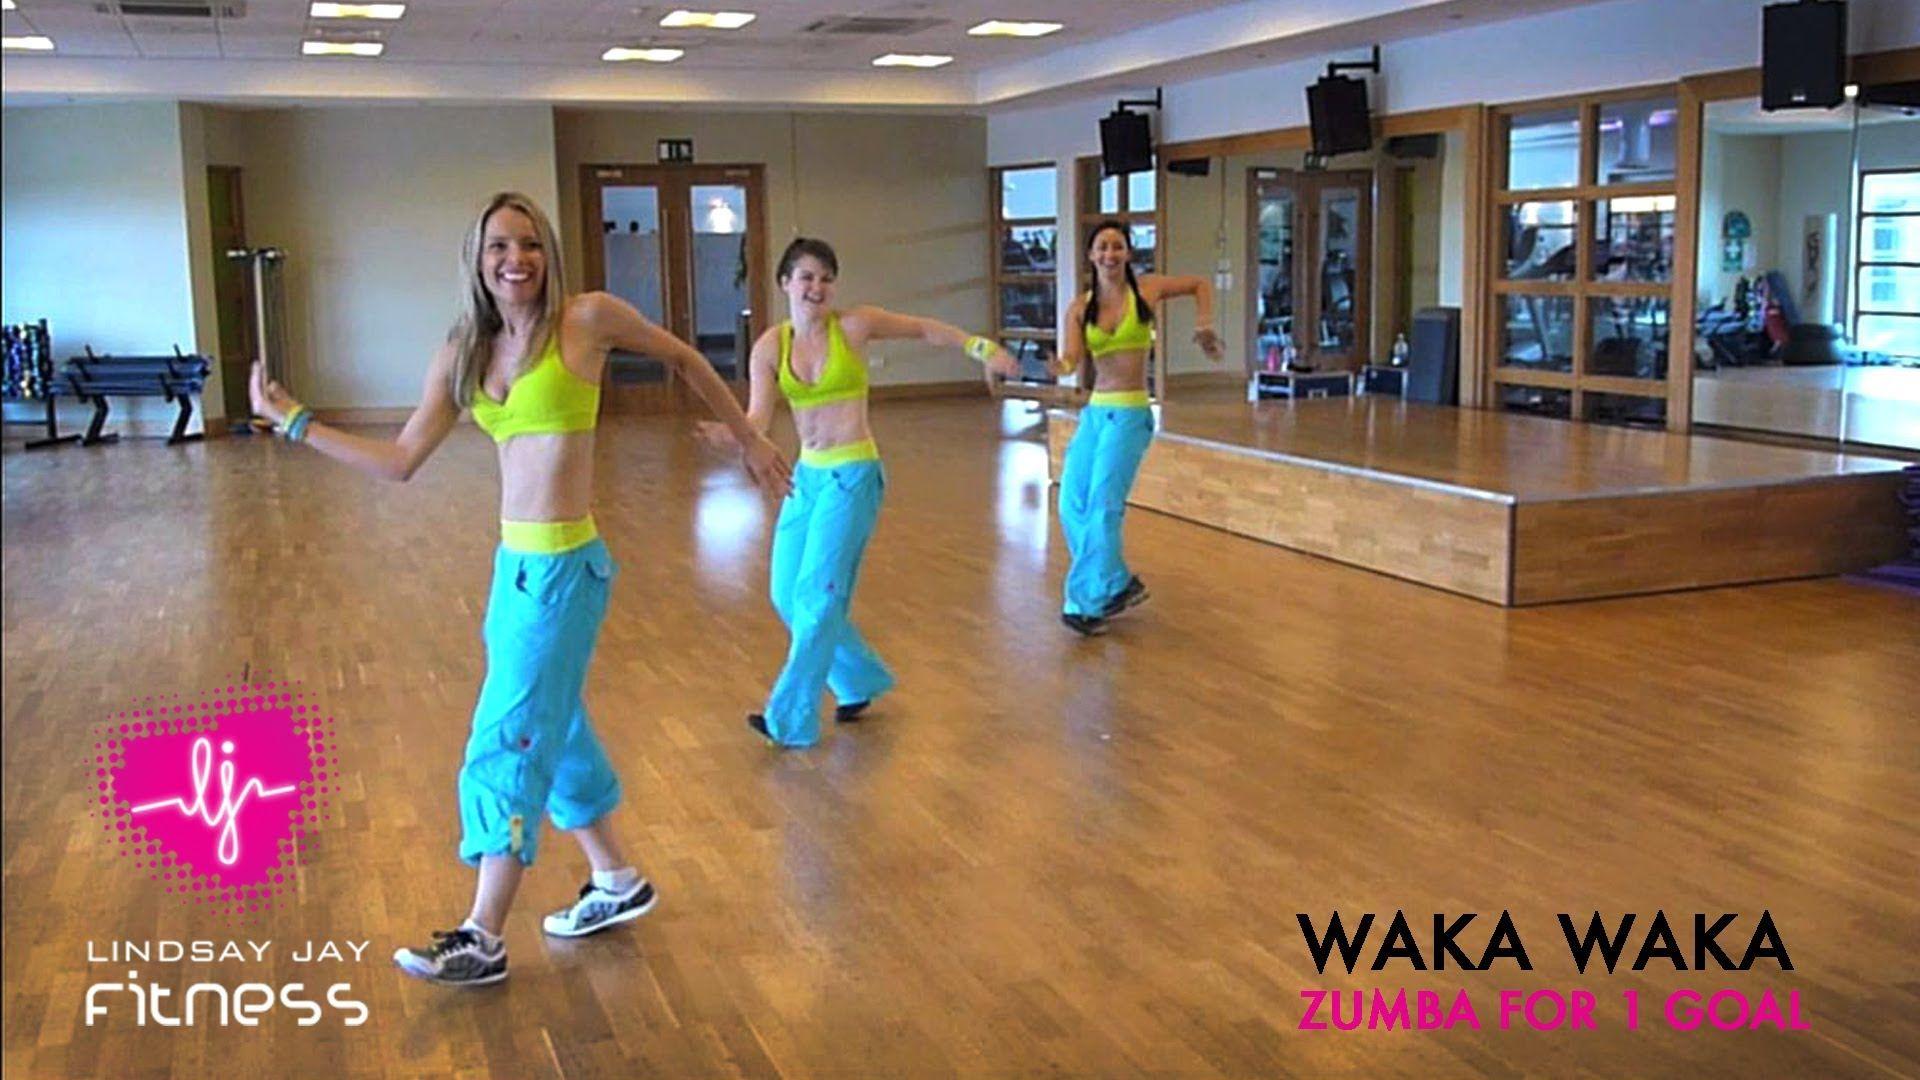 Waka Waka Choreography With Hollie Taylor Lindsay Jay And Laura